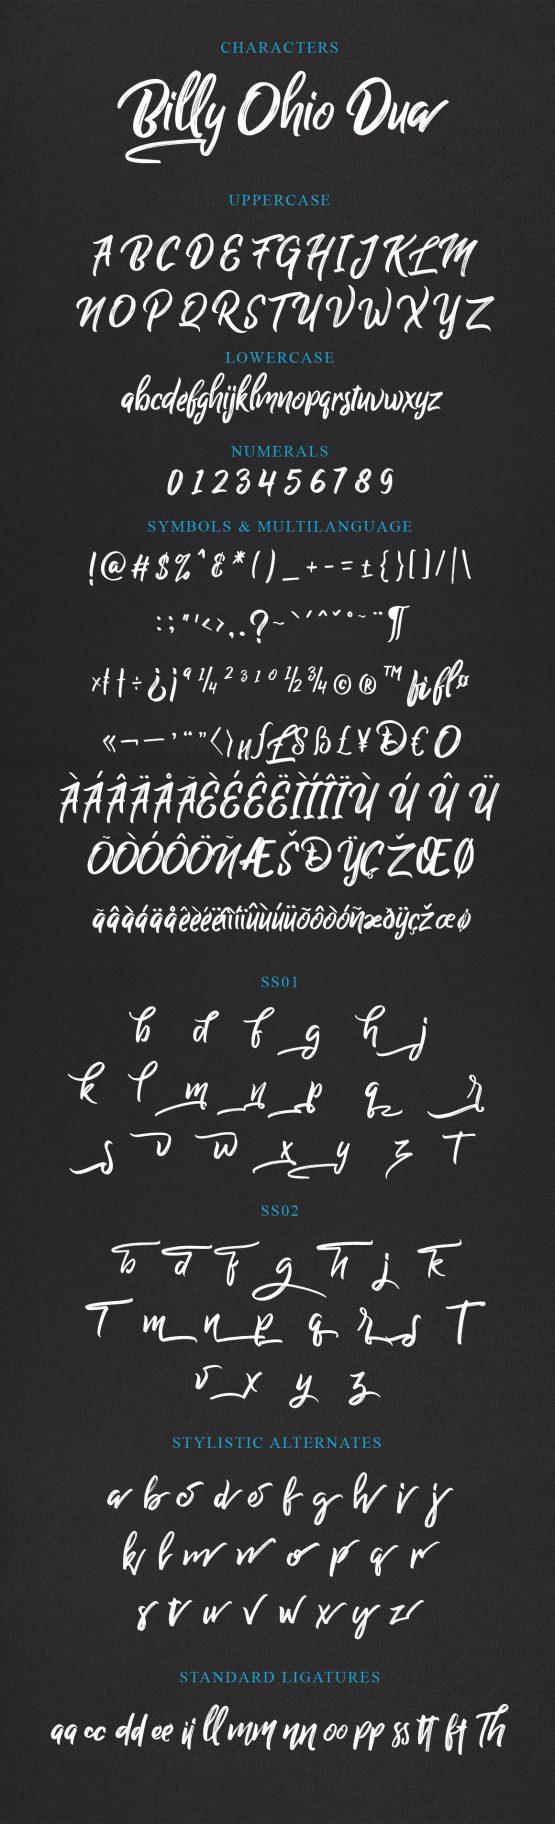 Billy Ohio Dua Typeface